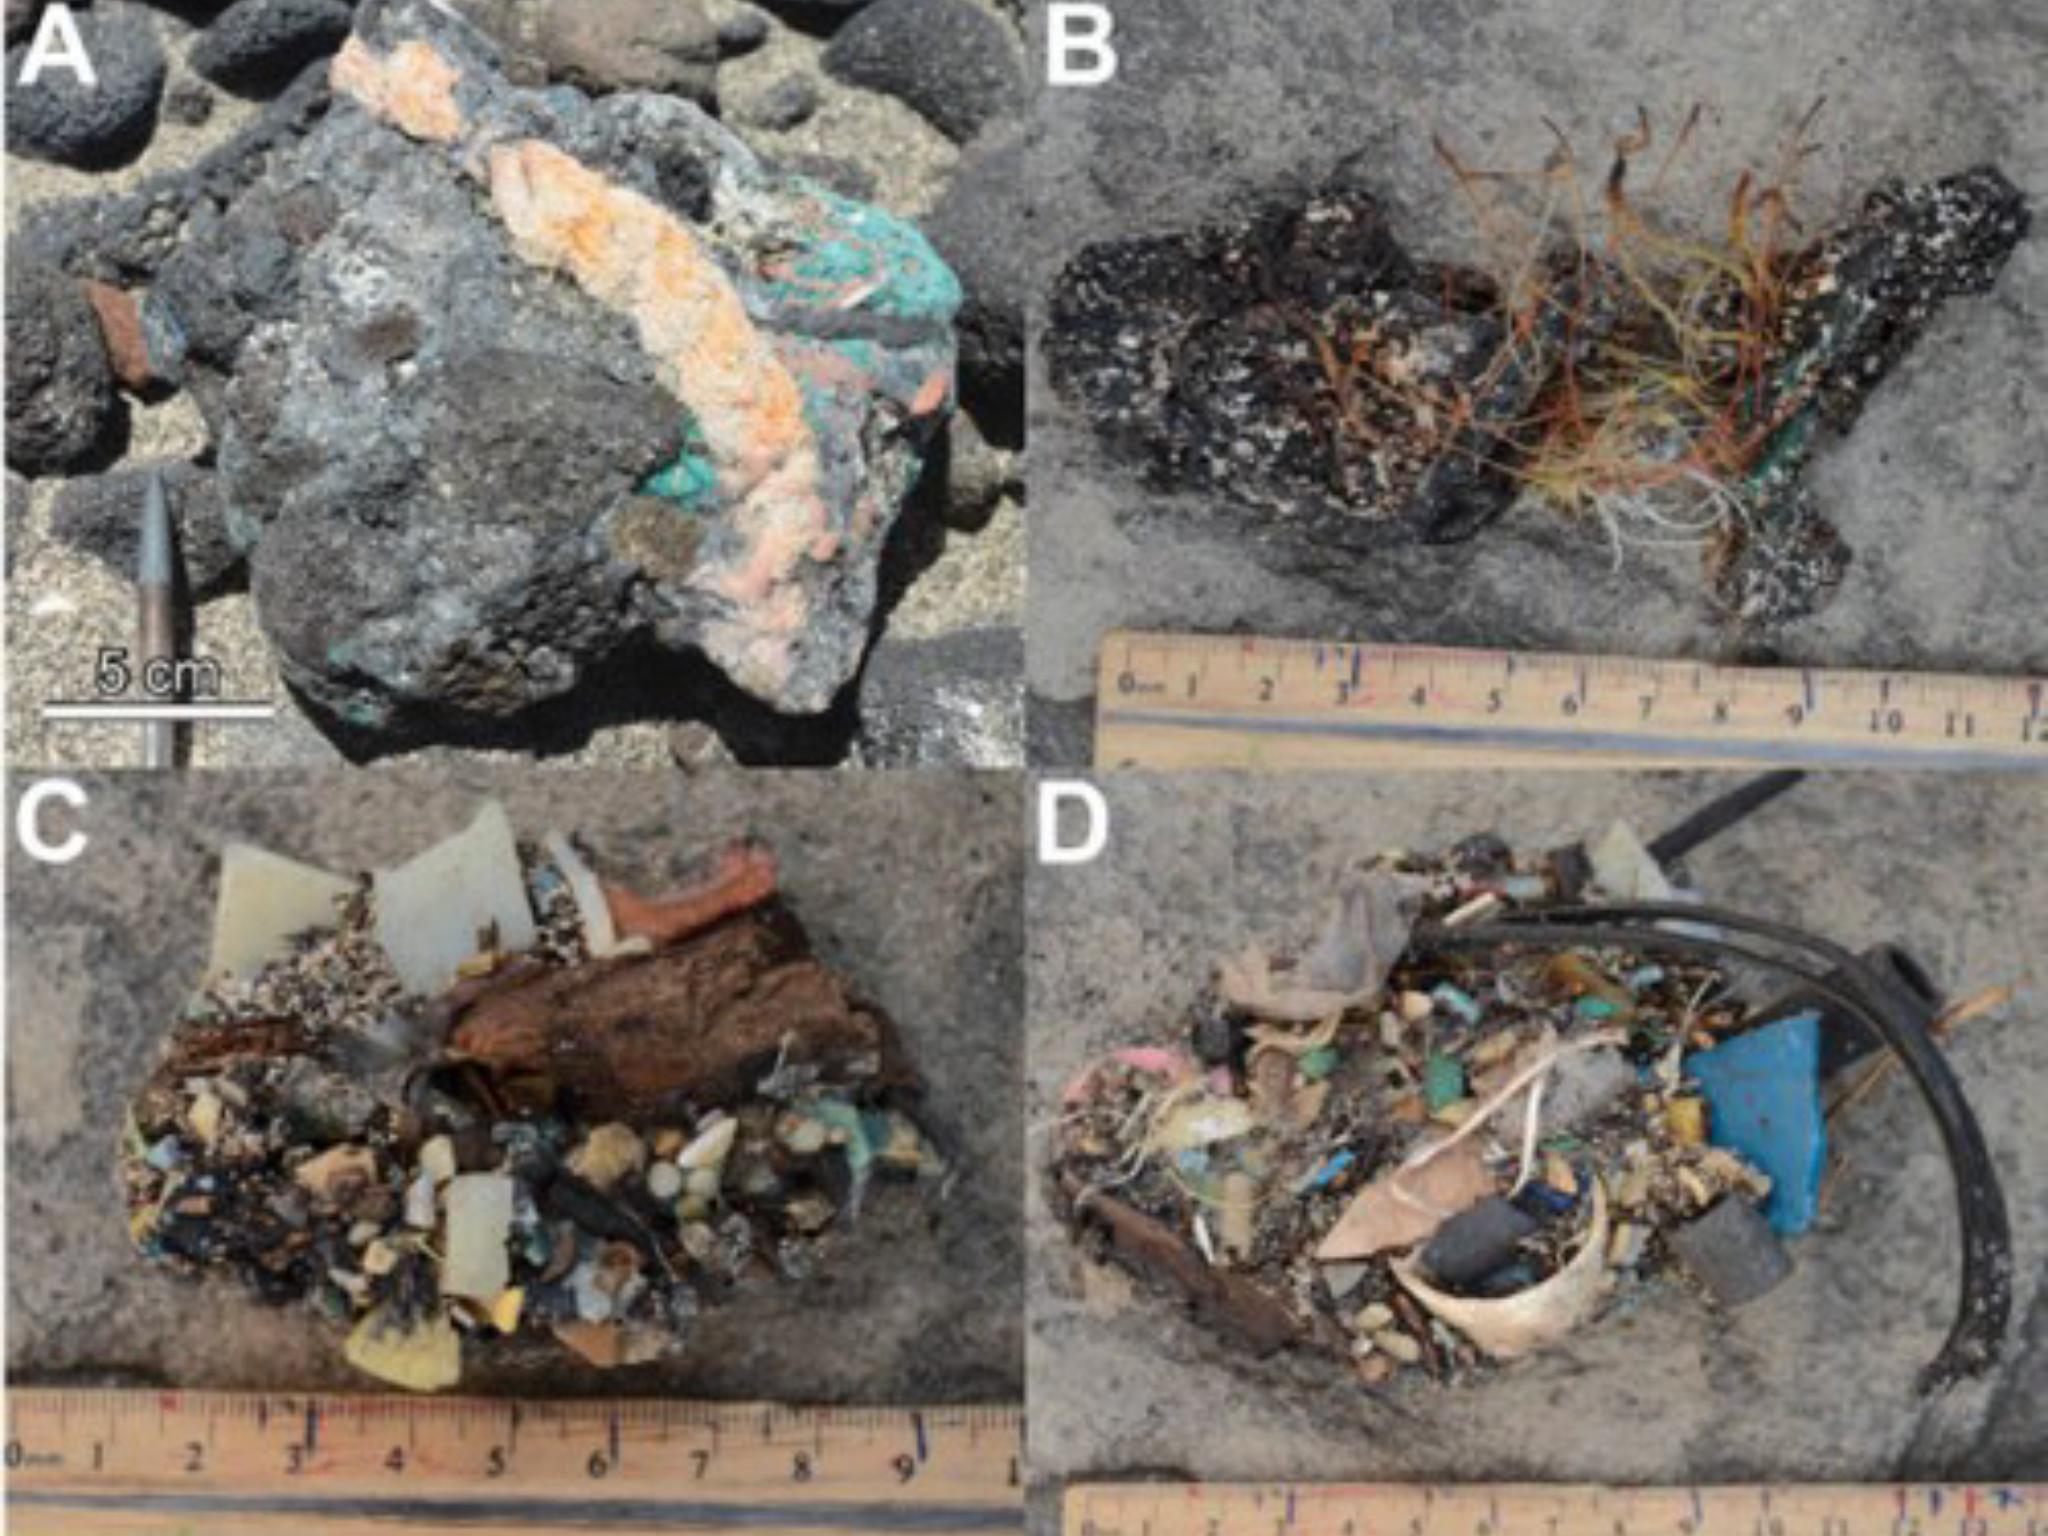 Στο μέλλον τα απολιθώματα θα είναι από..πλαστικό-Ανακάλυψαν νέο είδος πέτρας το Plastiglomerate